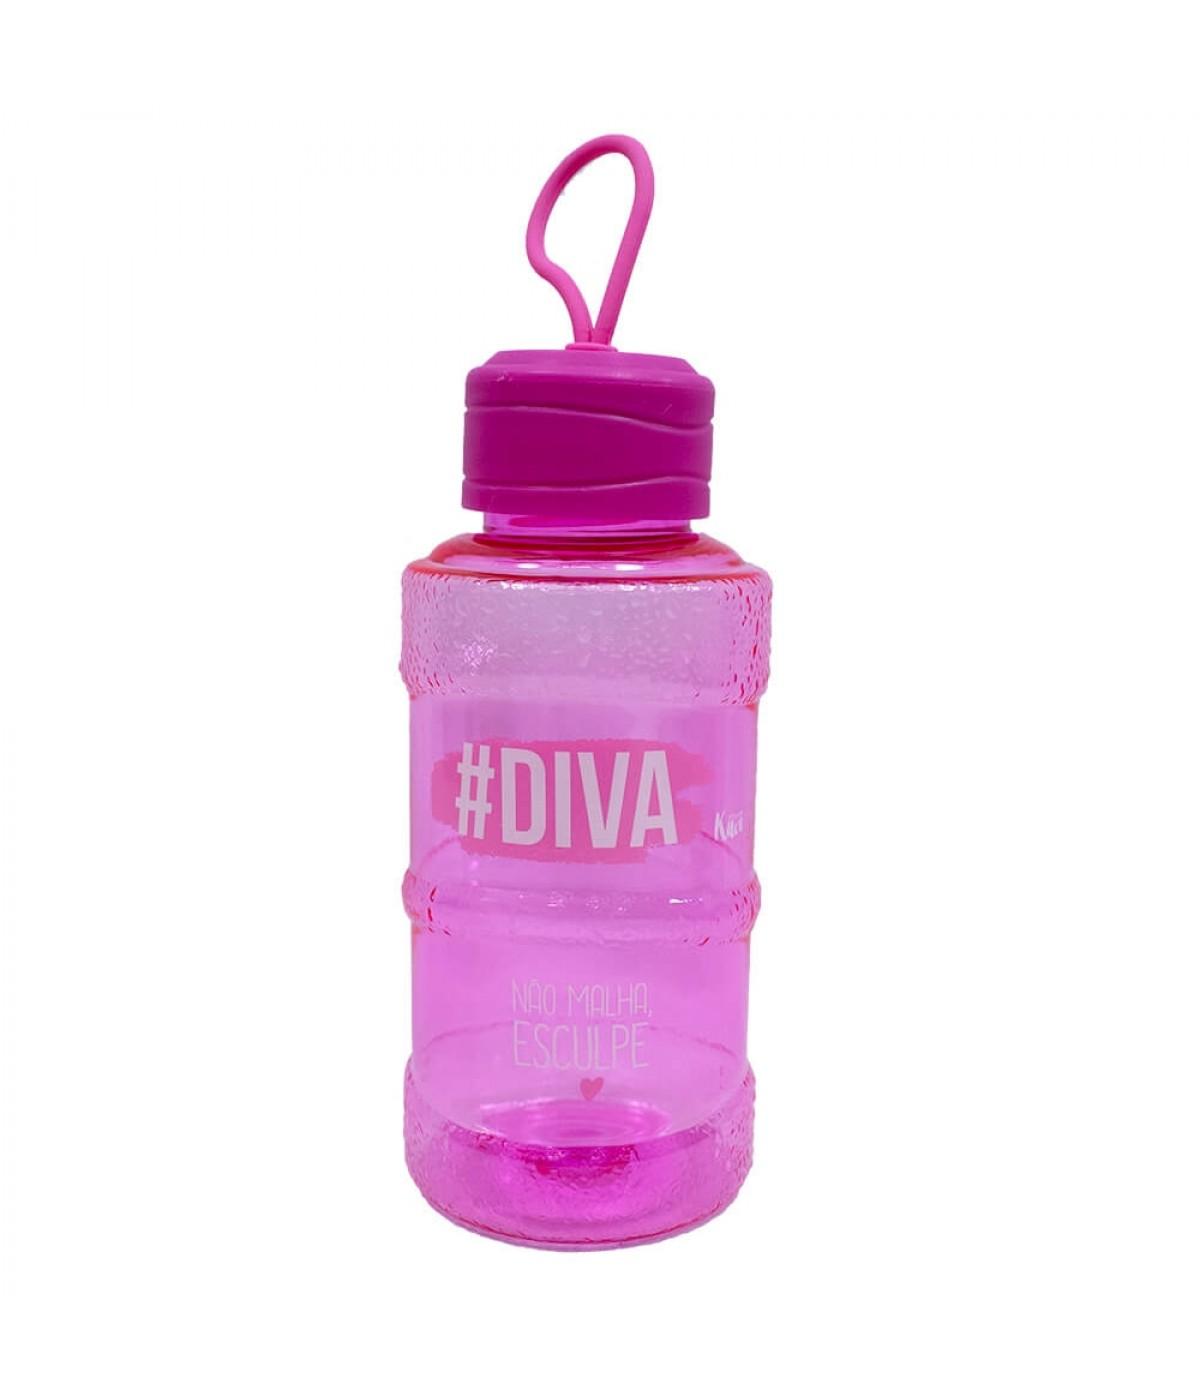 Garrafa Galão Pink #Diva 450ml - Projeto Kiwi